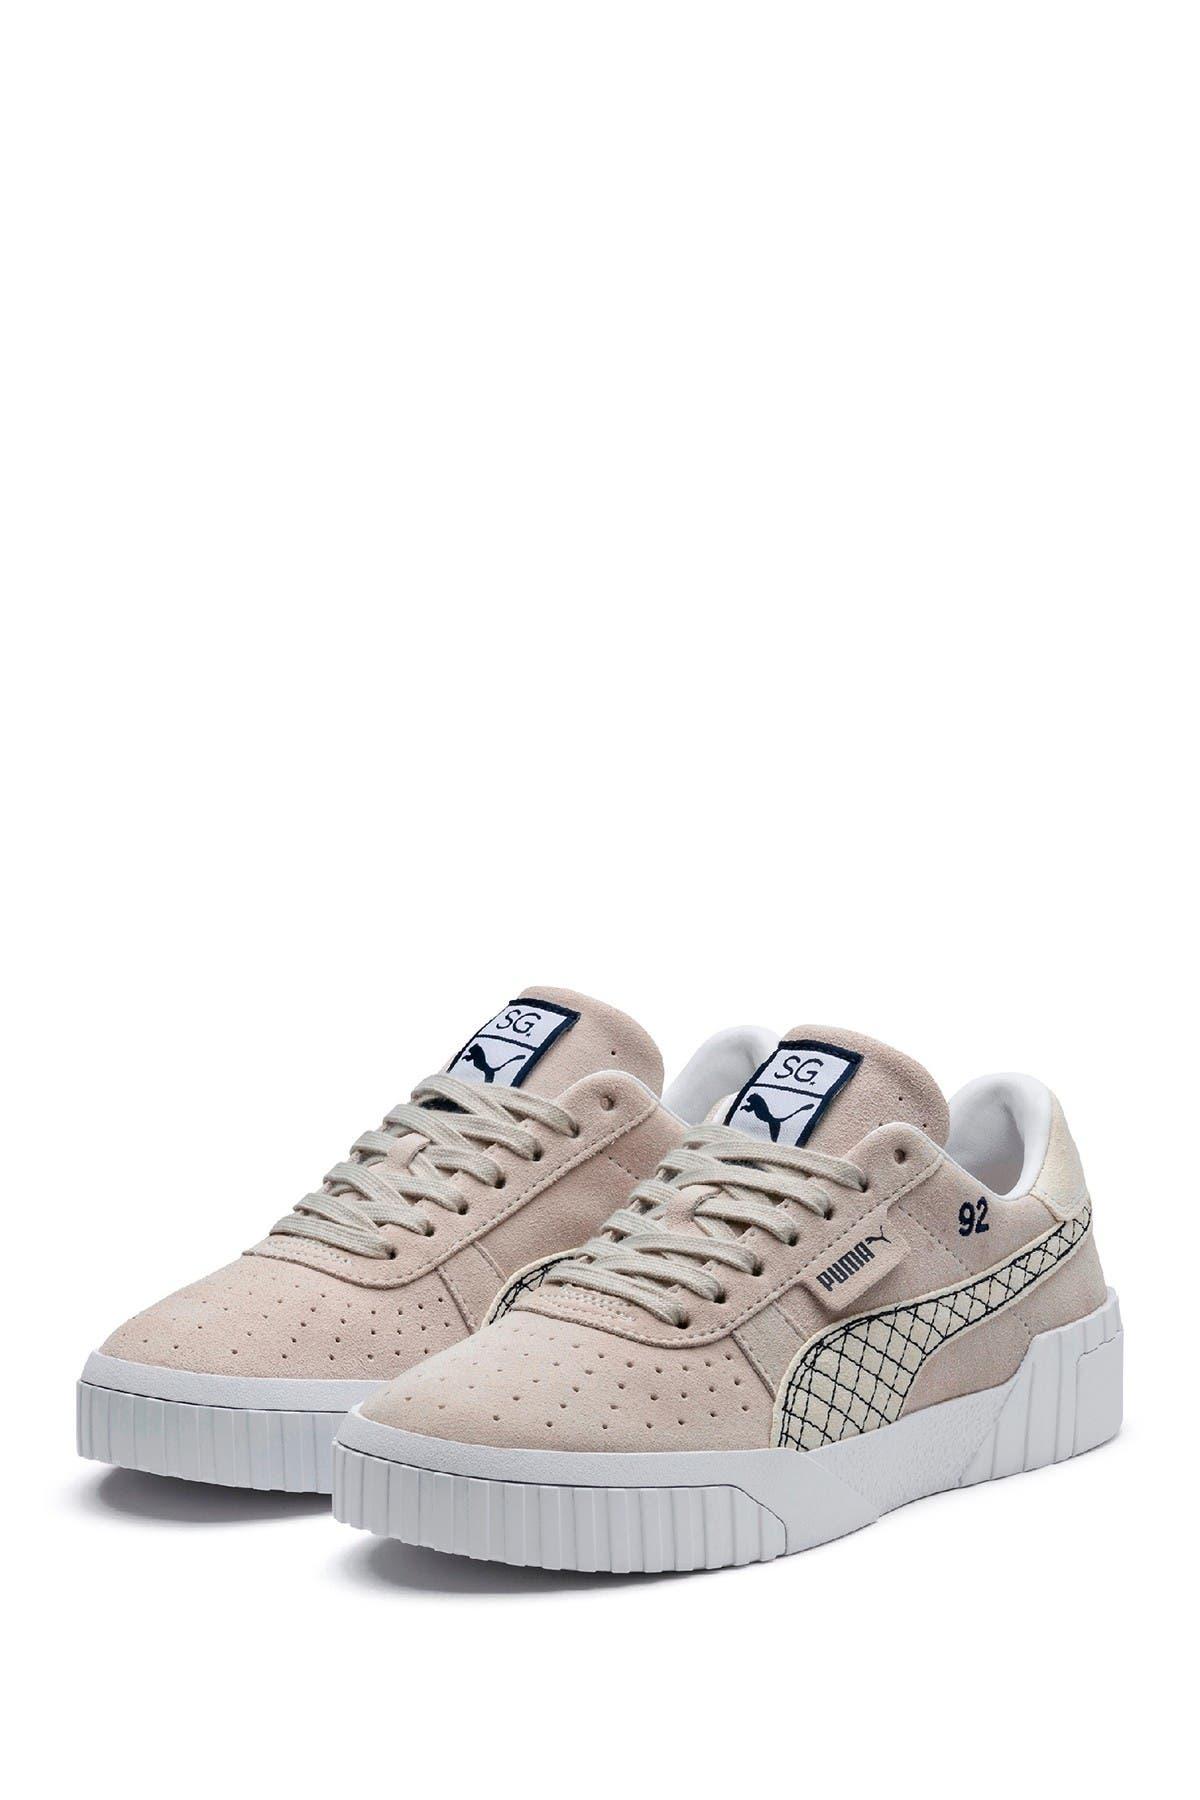 PUMA | Cali Suede x SG Low Top Sneaker